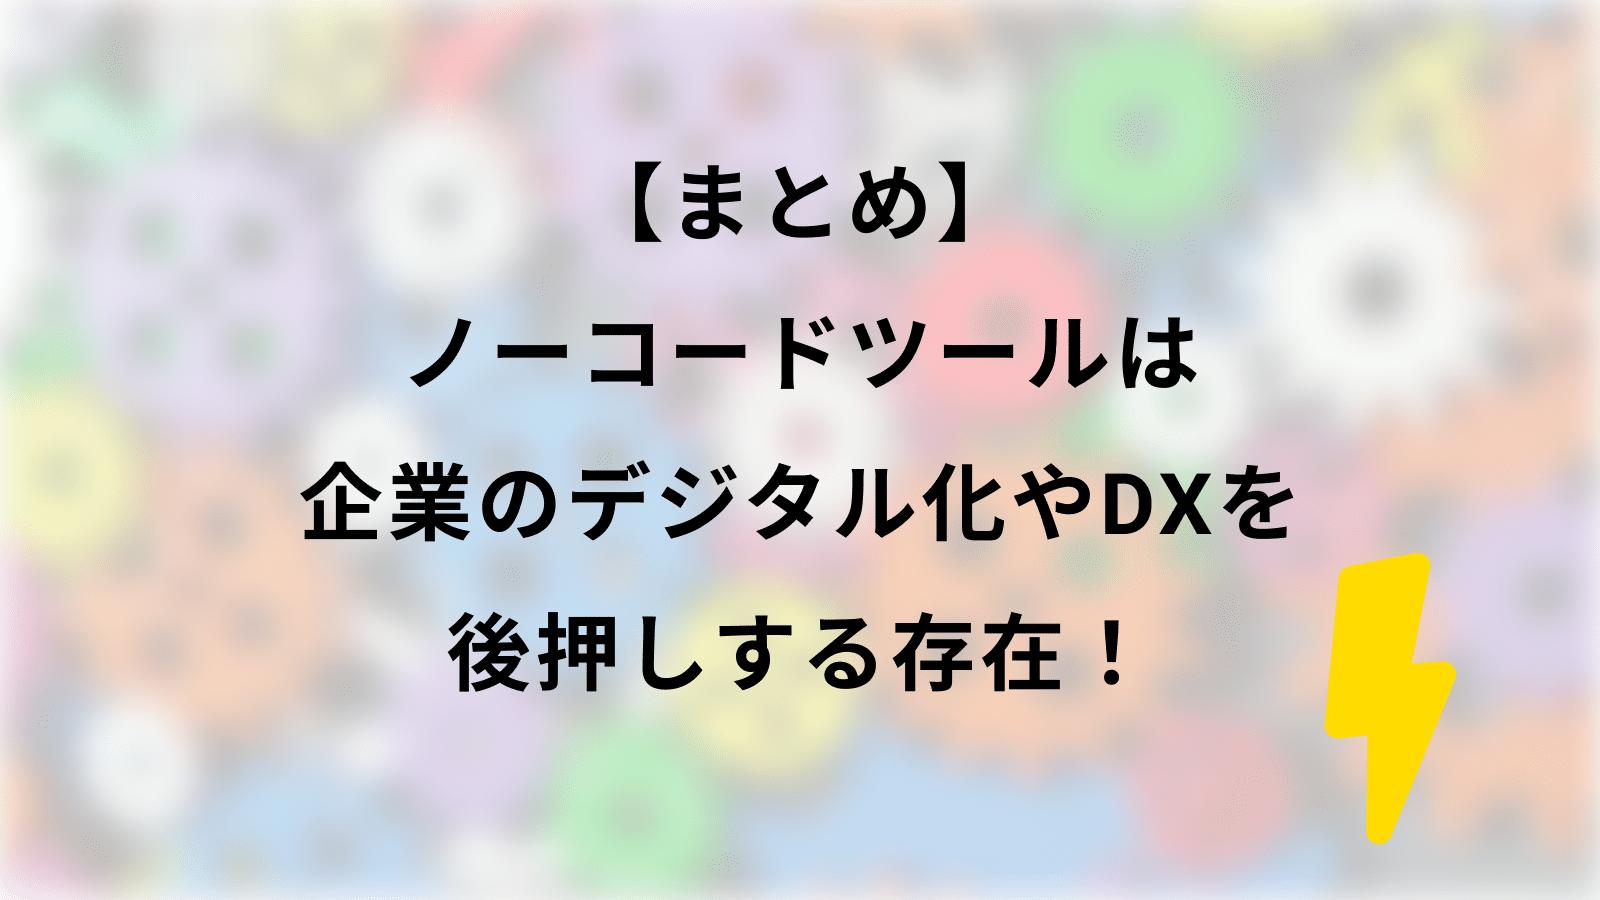 【まとめ】 ノーコードツールは 企業のデジタル化やDXを 後押しする存在!